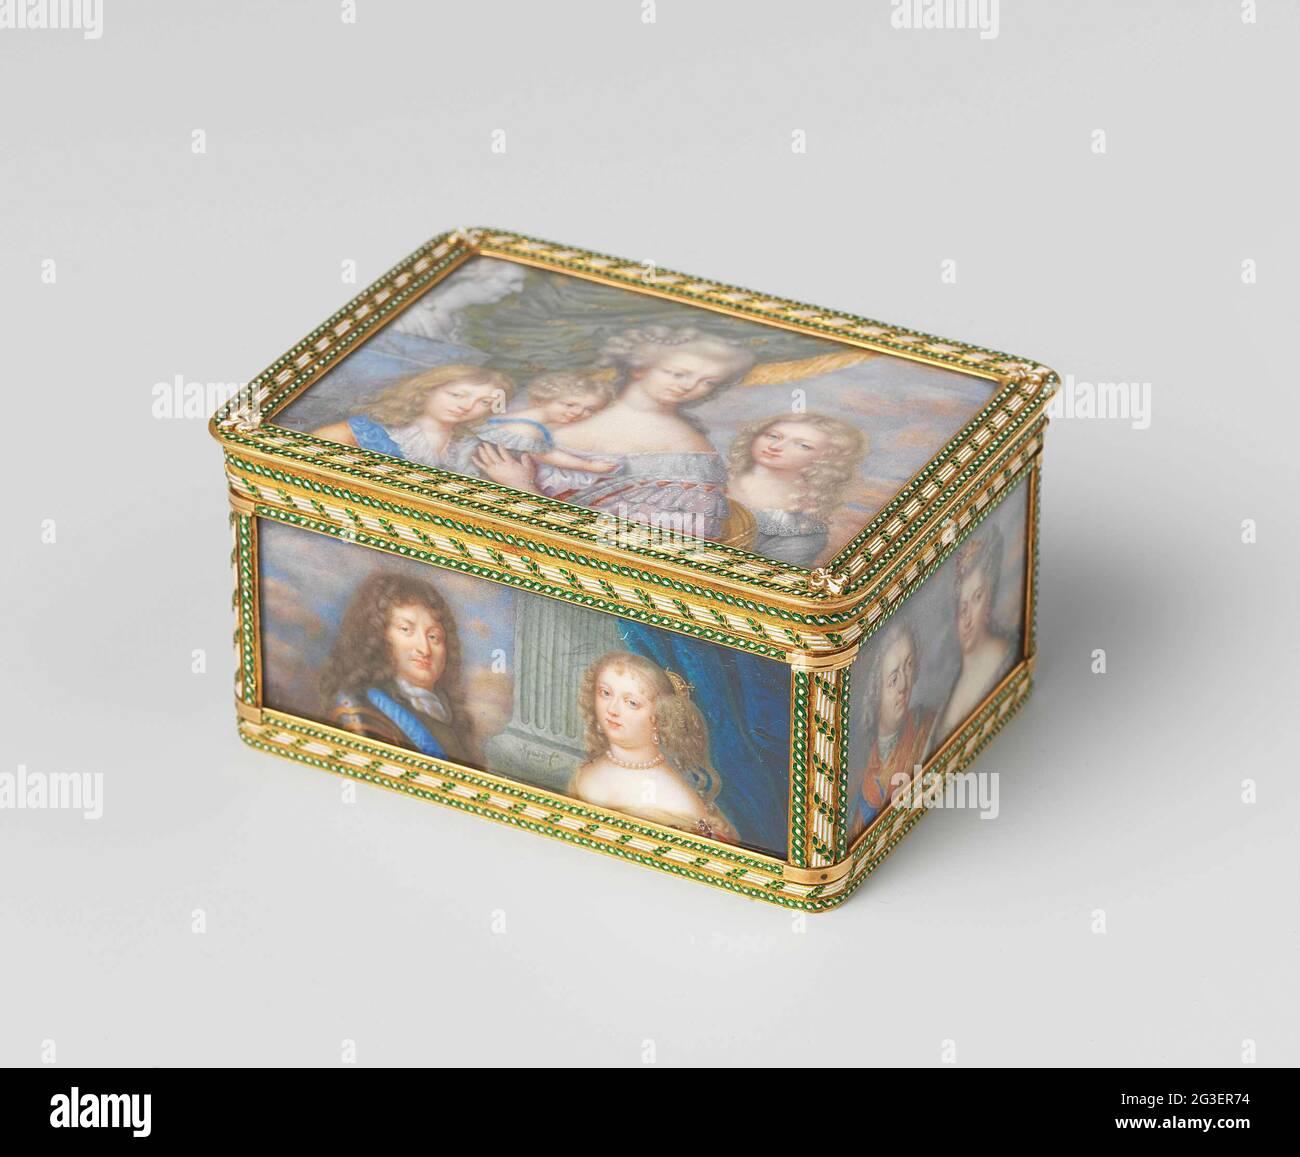 Boîte à priser d'or, peinte avec des portraits miniatures des bourbons. Boîte rectangulaire en or. Tous les côtés sont couverts de portraits miniatures des bourbons. Sur le couvercle Marie-Antoinette avec ses enfants à côté d'un buste de Louis XVI Au fond, le frère et la sœur de Louis XVI Sur le front Louis XIV et Maria-Theresa d'Espagne. Sur le dos Hendrik IV et Maria de Medici. Sur la gauche Louis XIII et Anna van Austria. Sur la droite Louis XV et Maria Leczinska. Banque D'Images